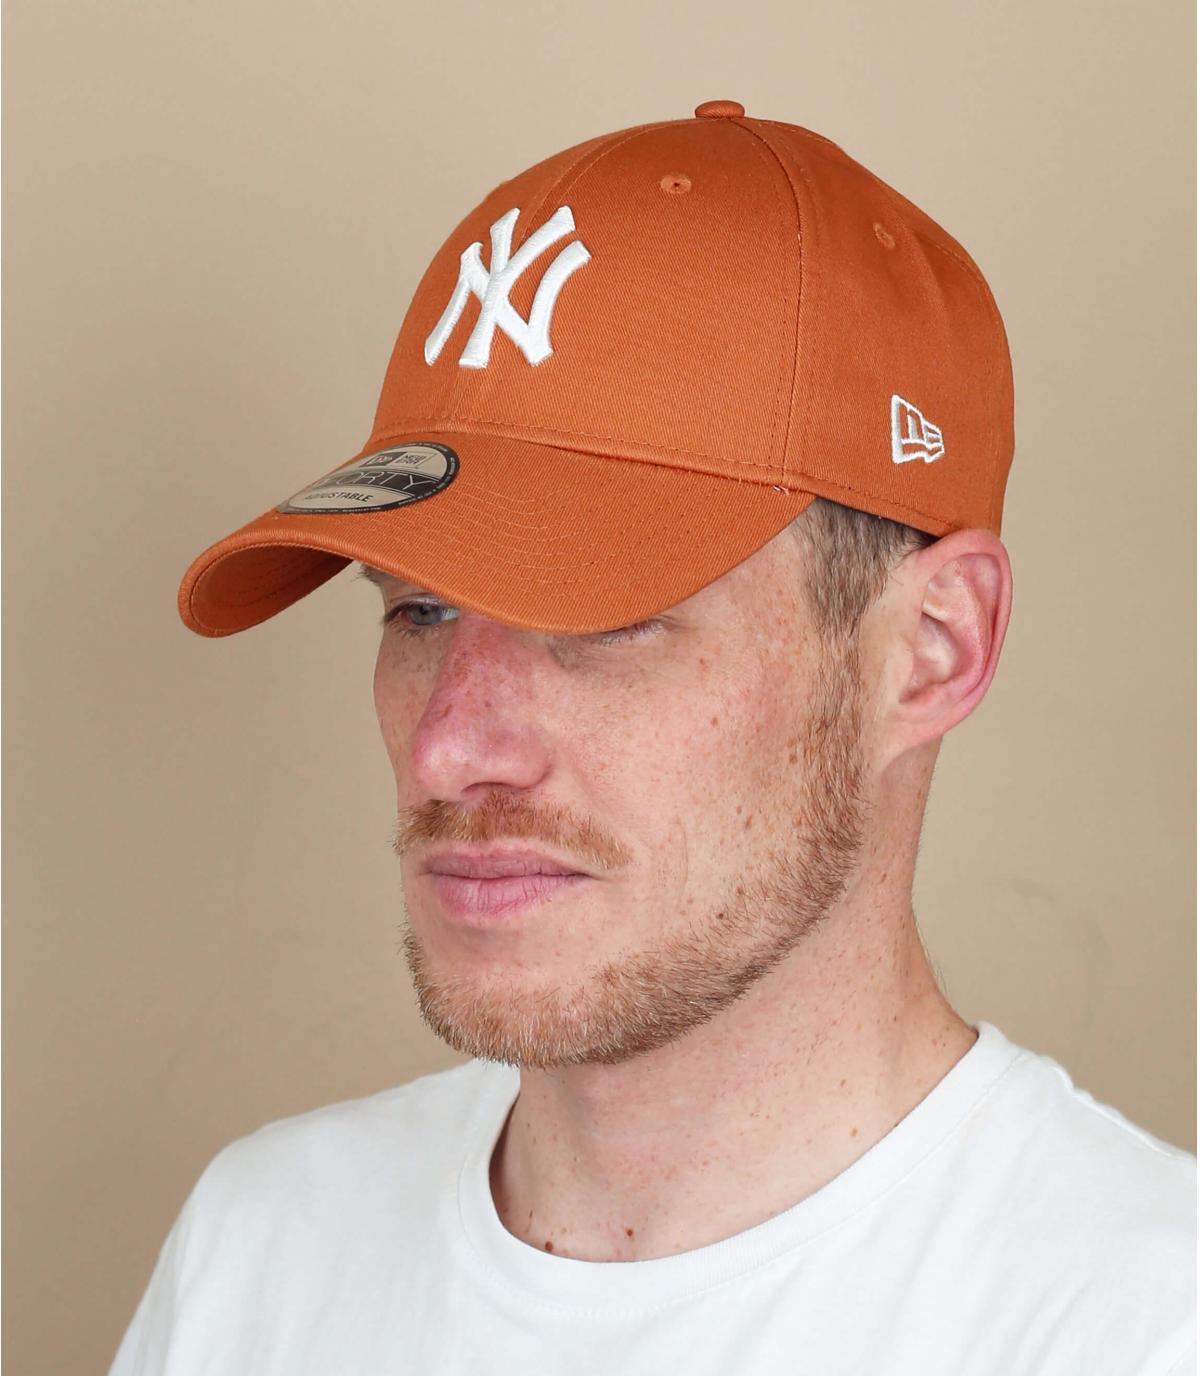 Cappellino NY beige bianco